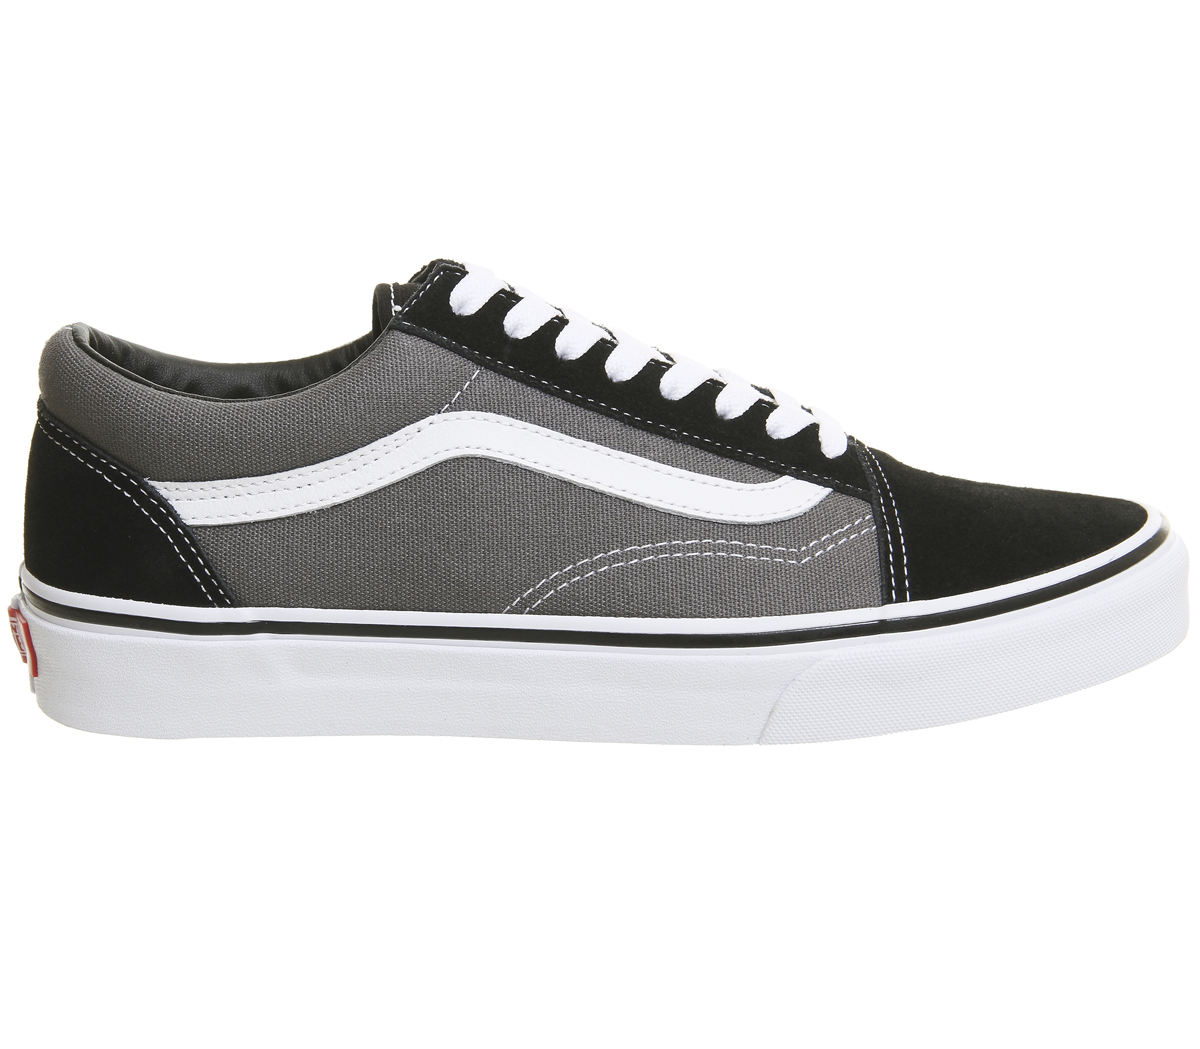 1d5a0ce9e8c24 CENTINELA Vans Old Skool entrenadores estaño negro zapatos